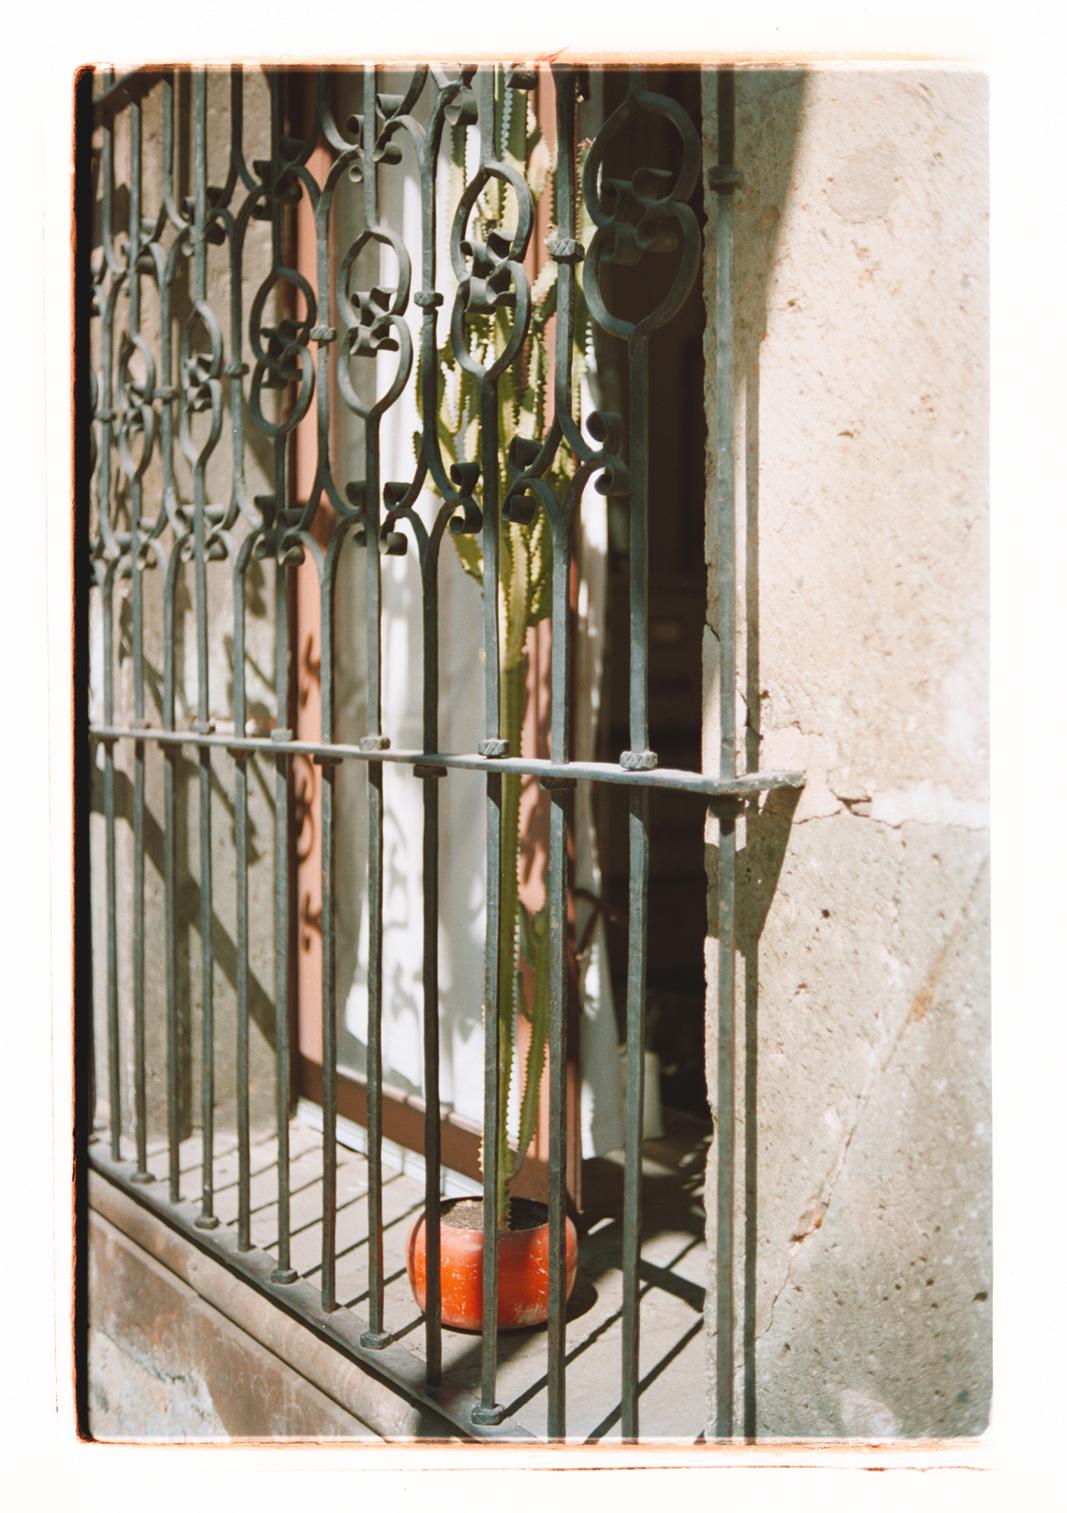 Oaxaca, Laura La Monaca | Collater.al 11